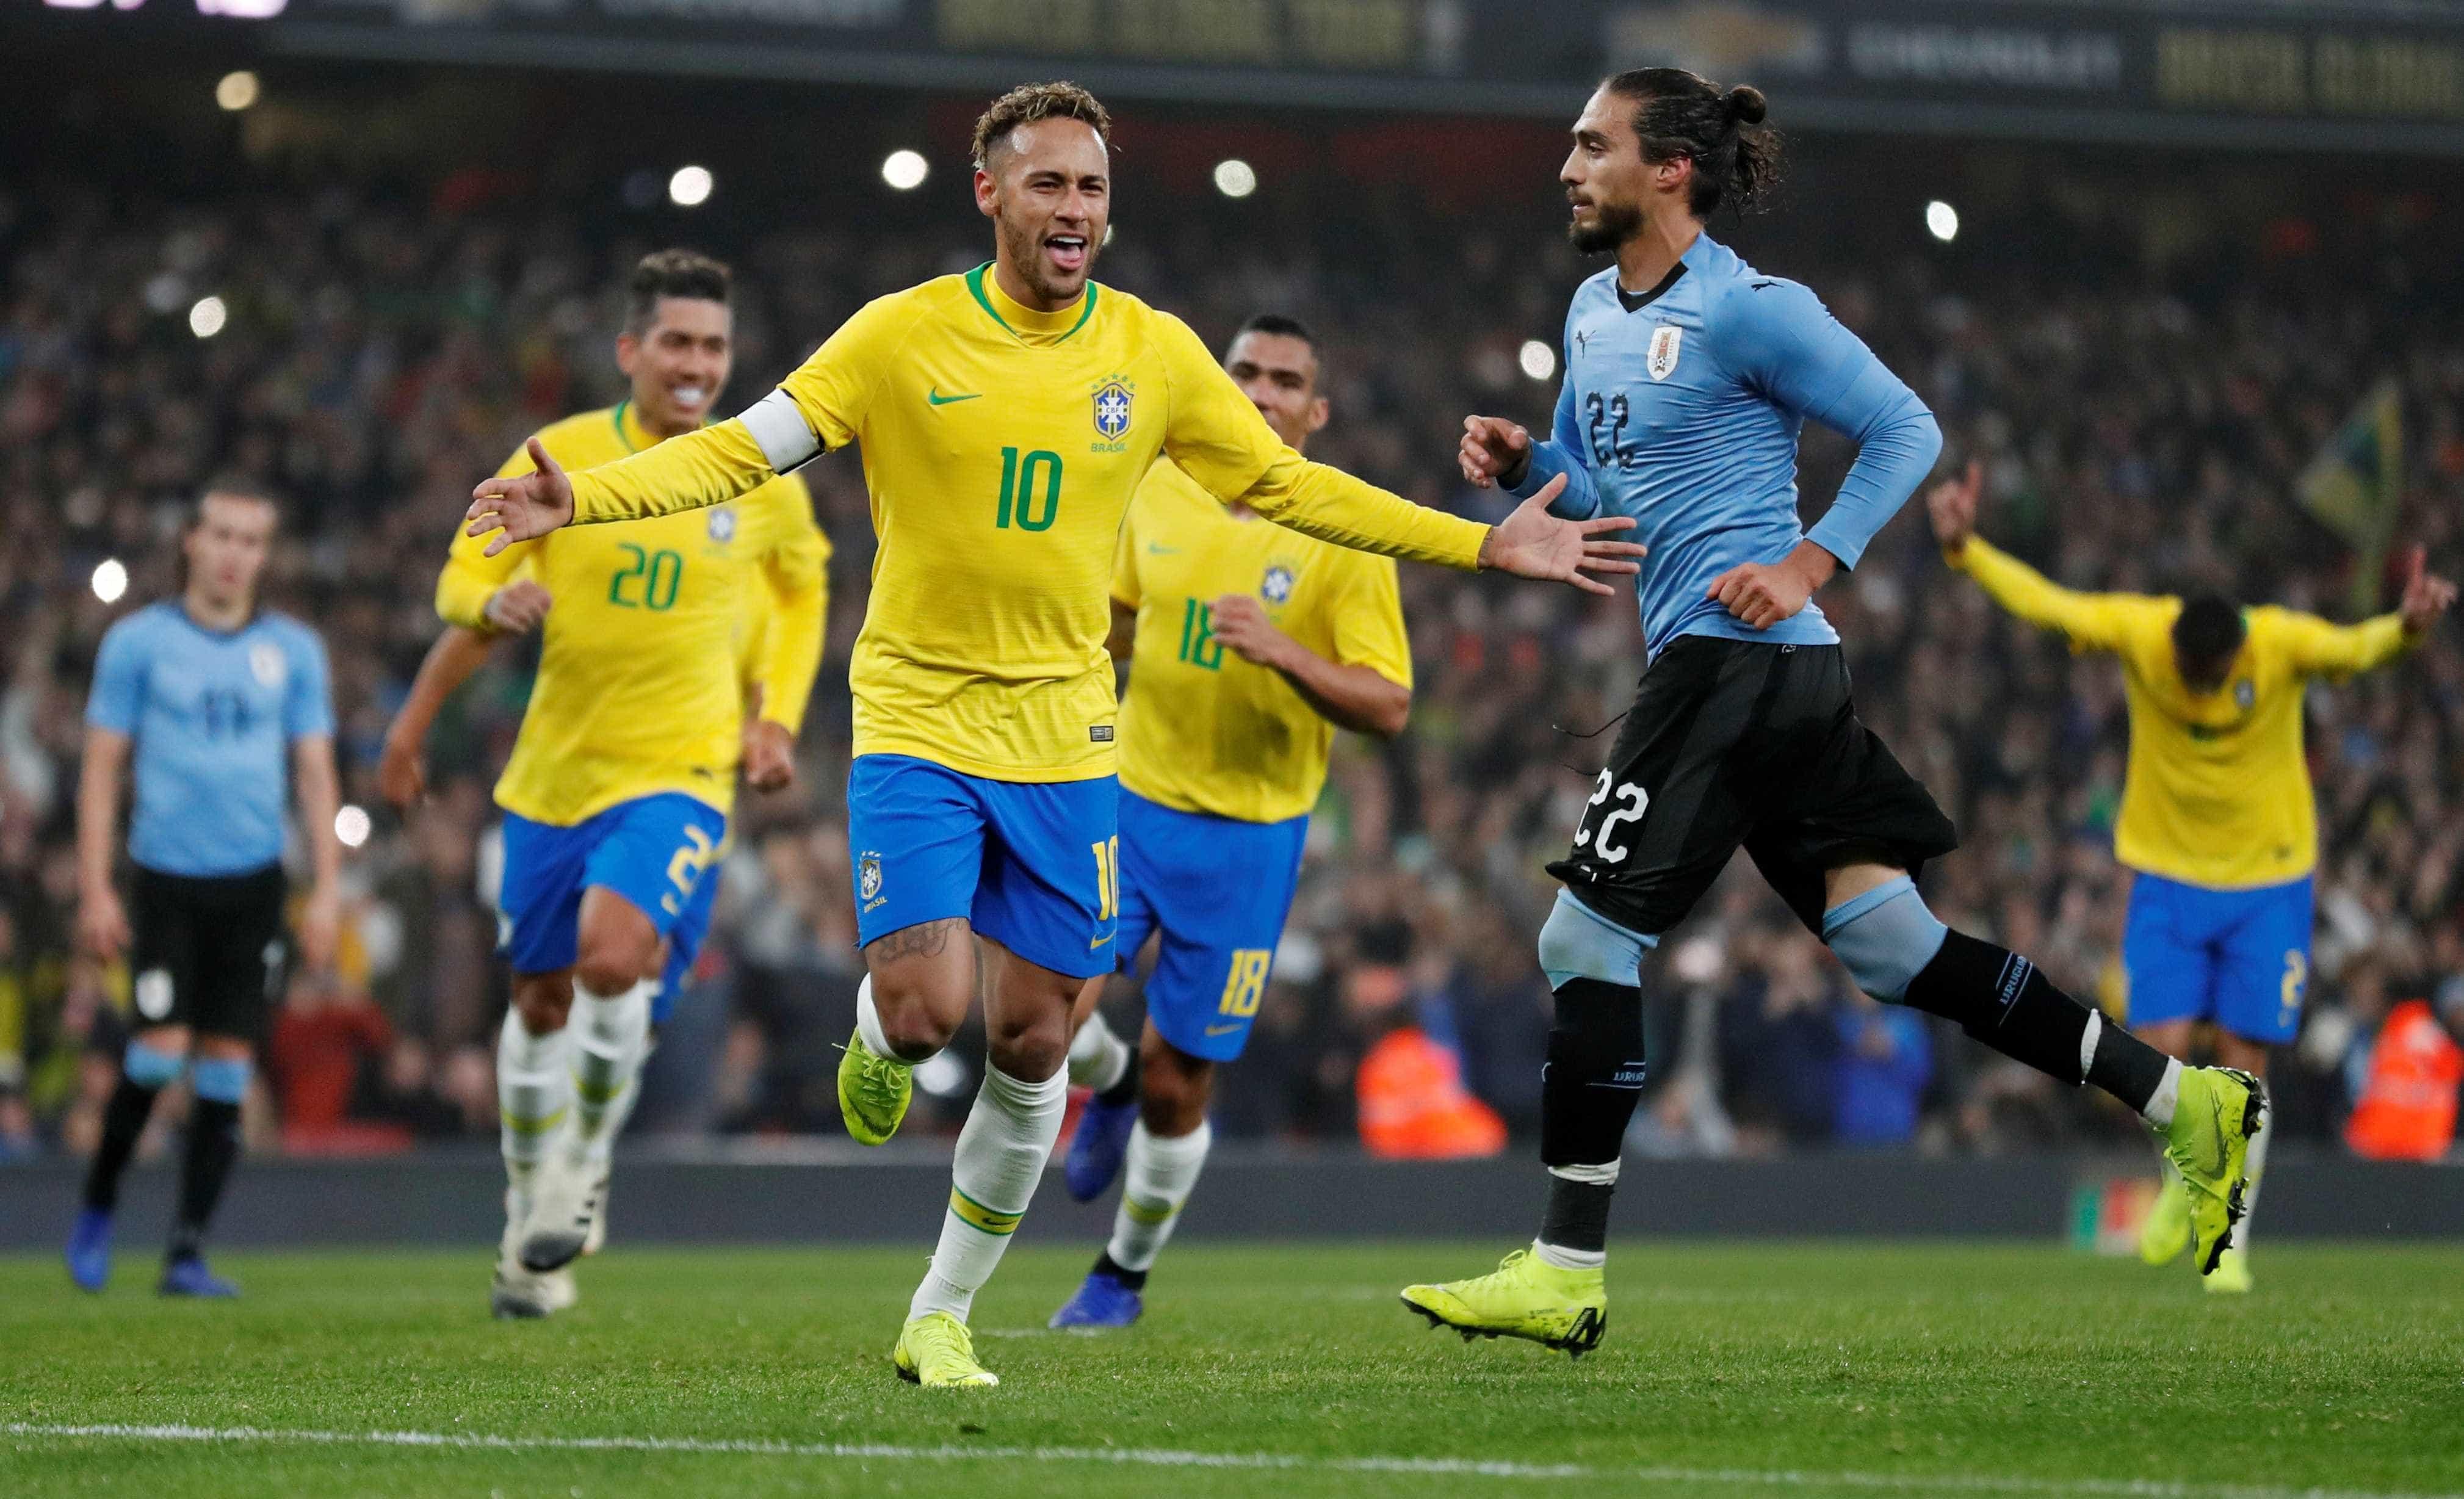 Brasil vence o Uruguai, mas tem dificuldades no 2º teste real após Copa